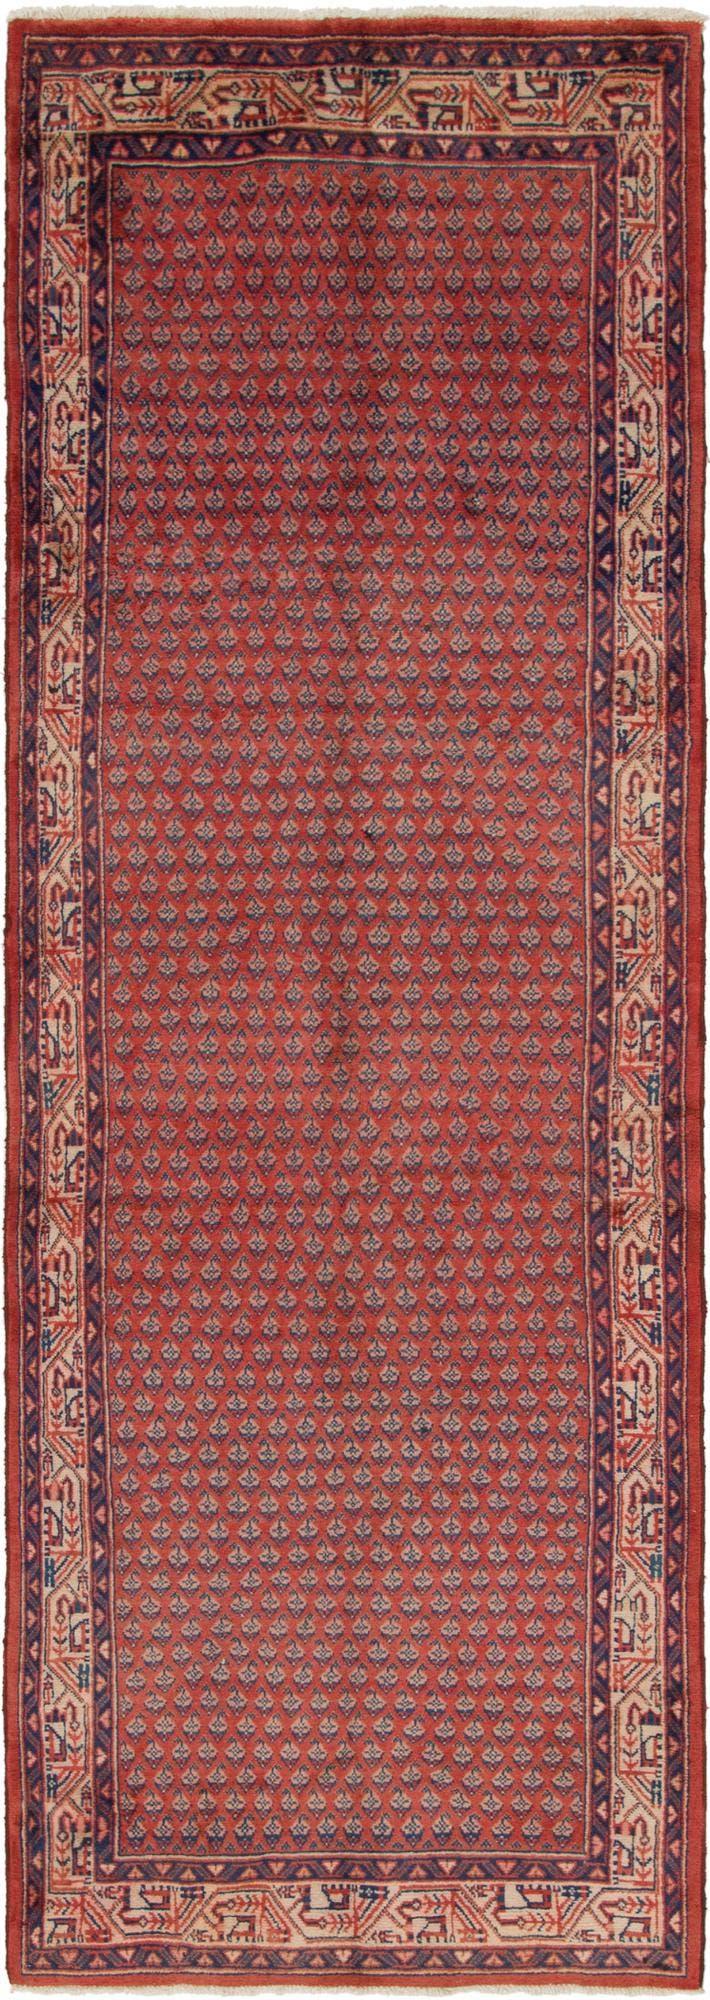 3' 5 x 10' 6 Farahan Persian Runner Rug main image